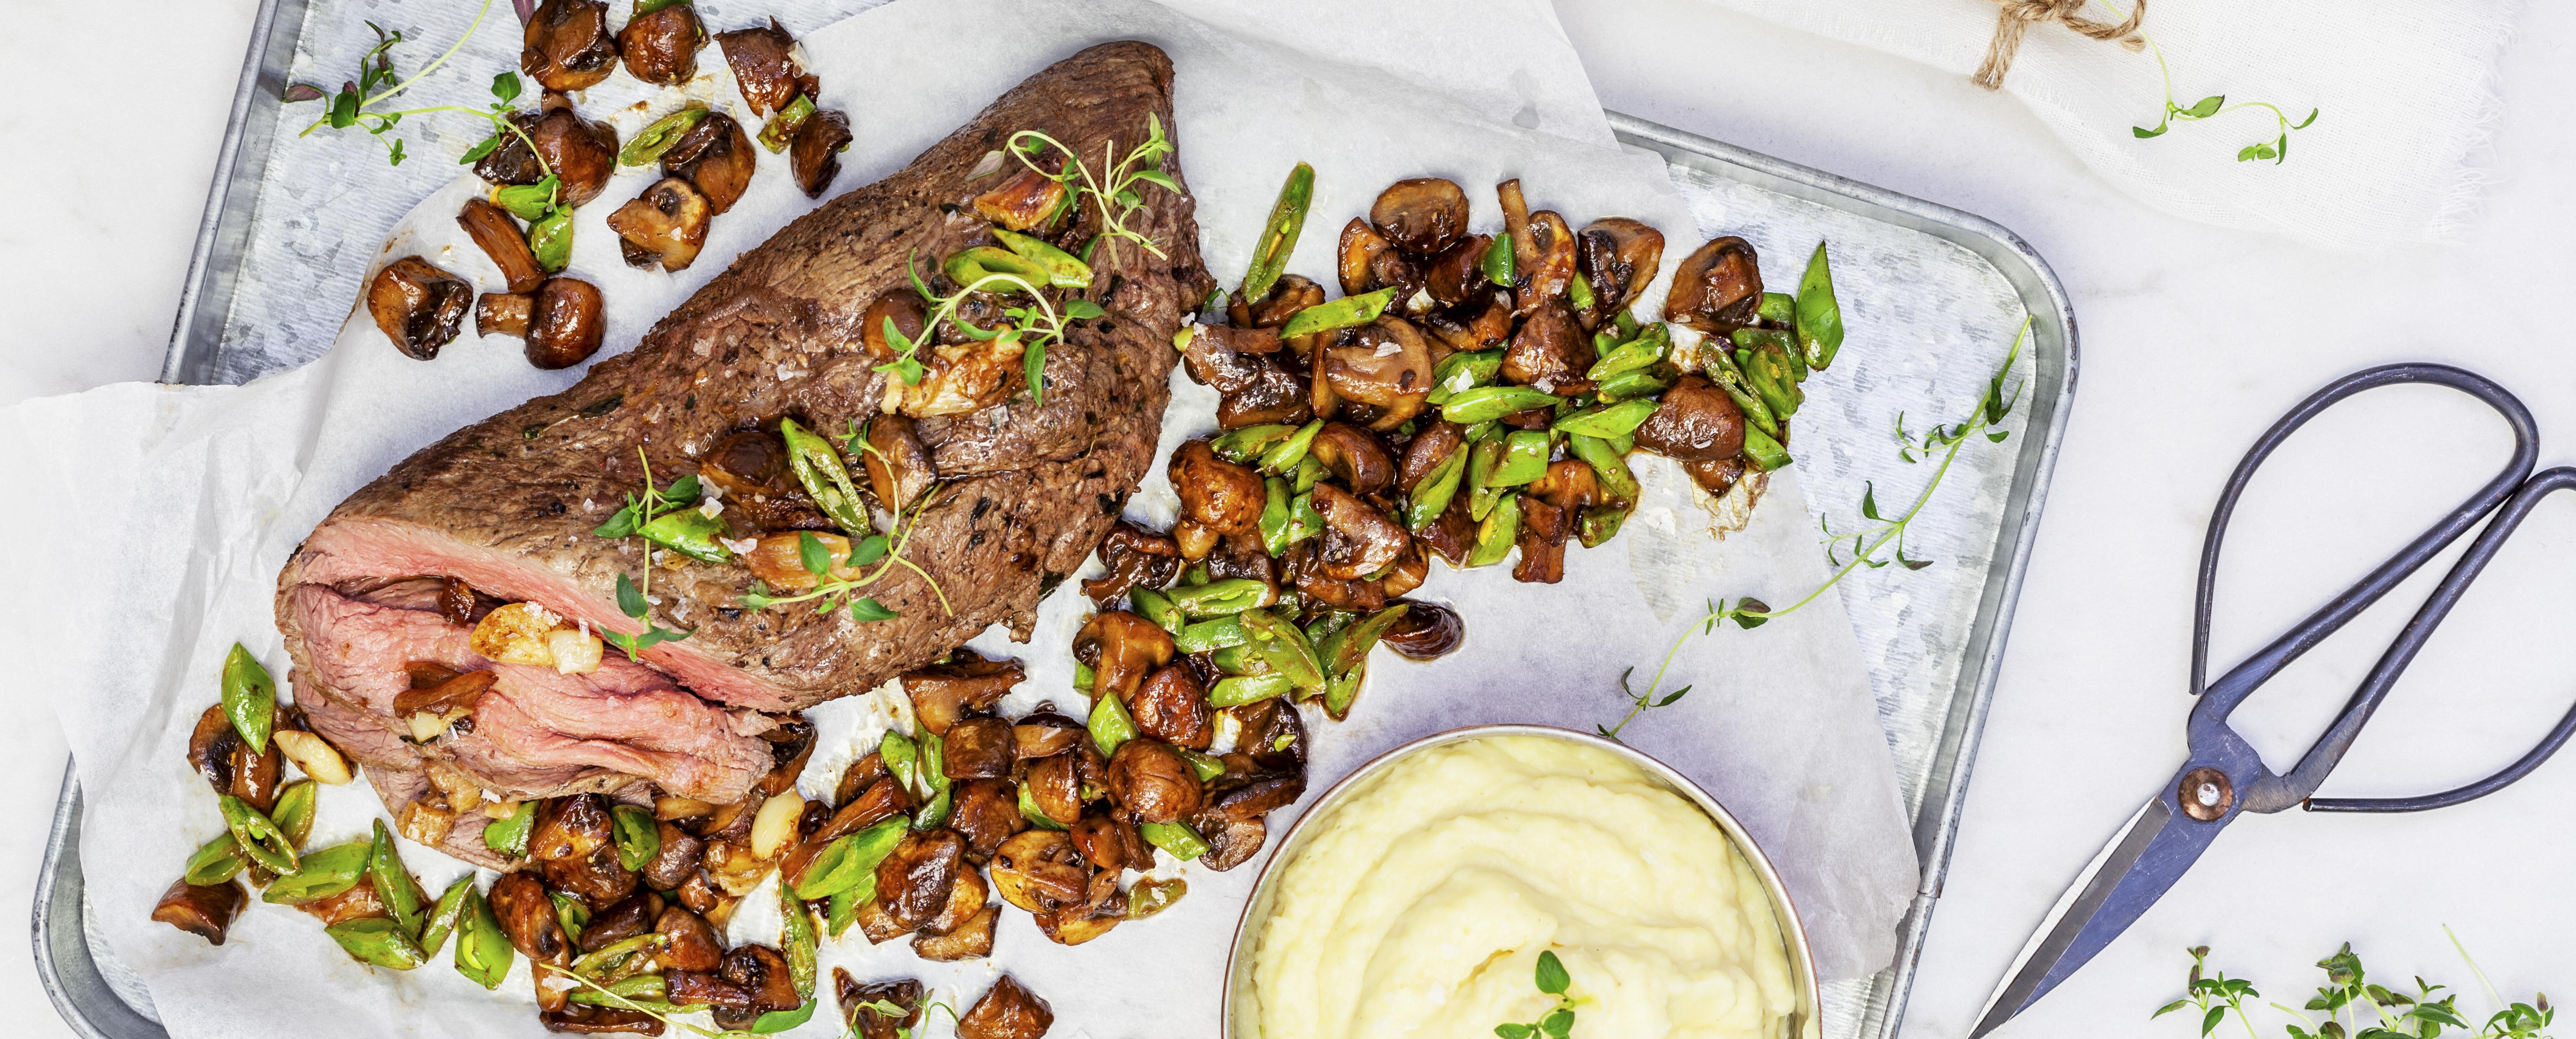 potatis och rotselleripure